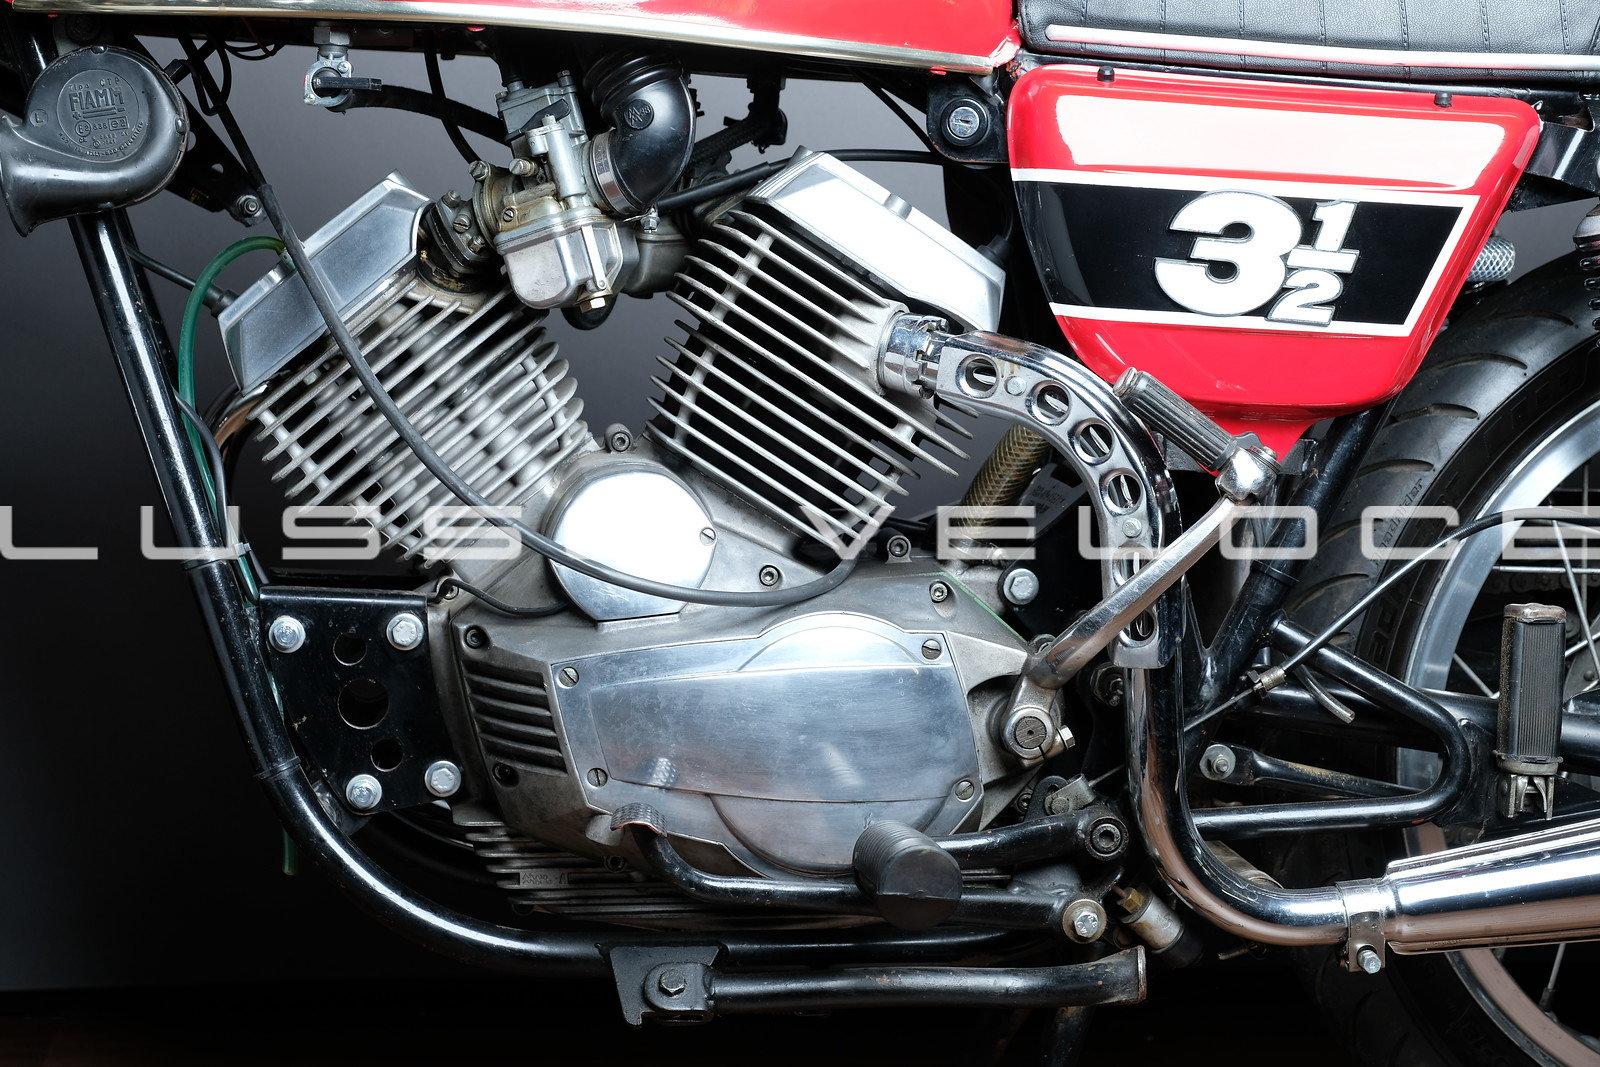 1975 Moto Morini 350 Sport Double drum  For Sale (picture 4 of 6)